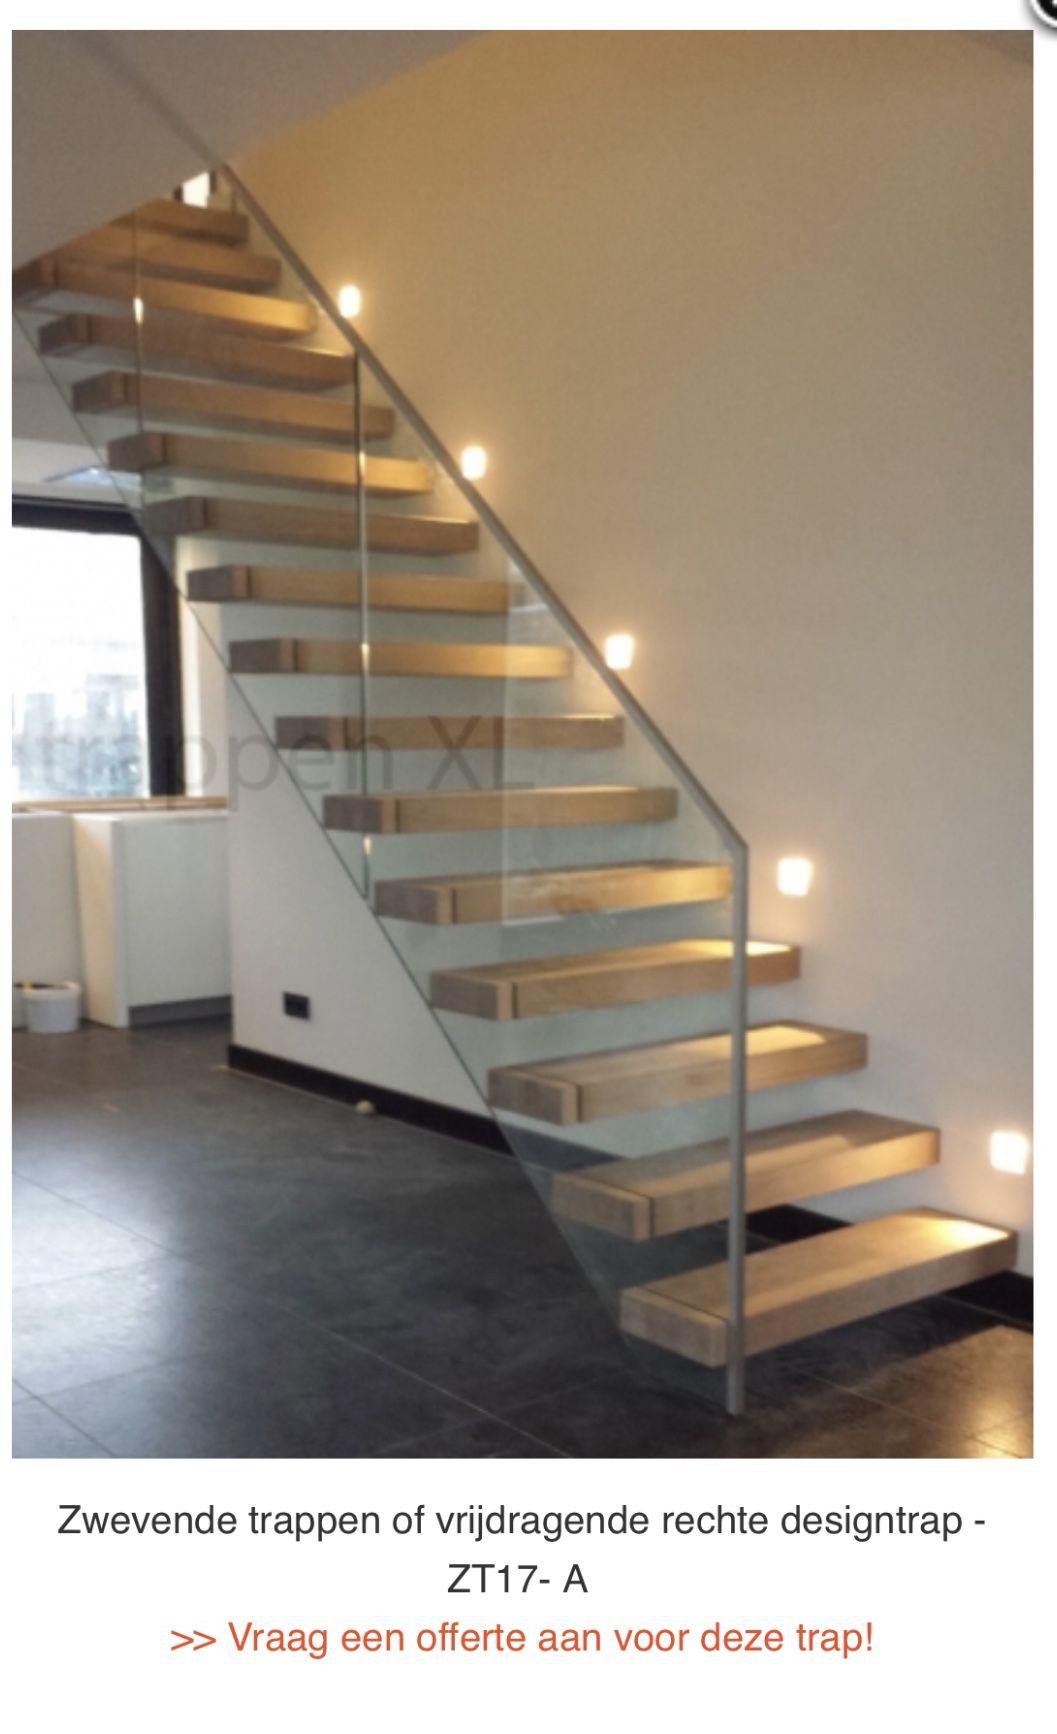 Best Pin By Anubhav Gupta On Stair Design Ideas Stairs Design 400 x 300